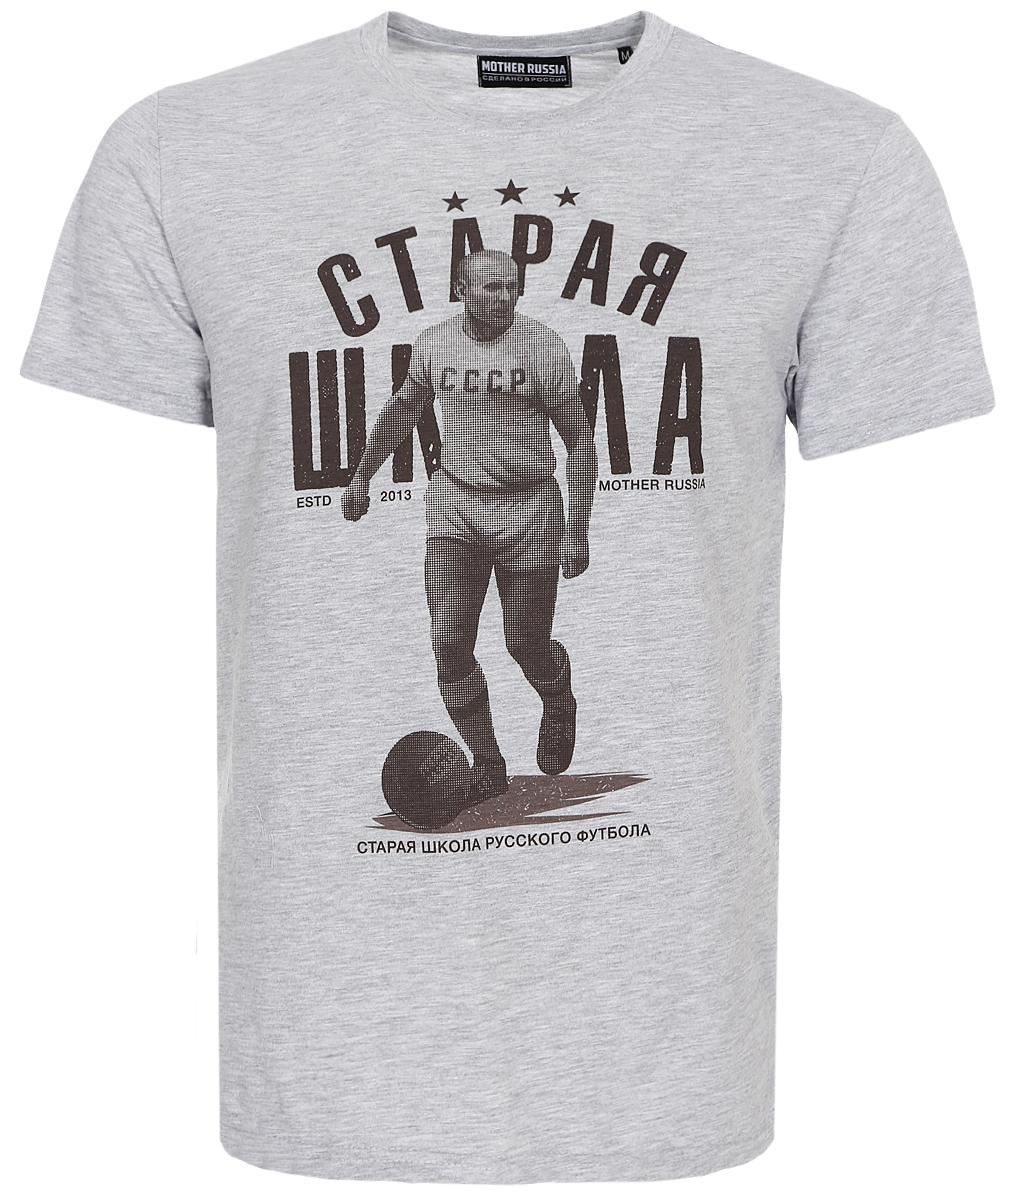 Футболка мужская Mother Russia Русский футбол 4, цвет: серый меланж. ФУ0000000639. Размер 3ХL (56) цена